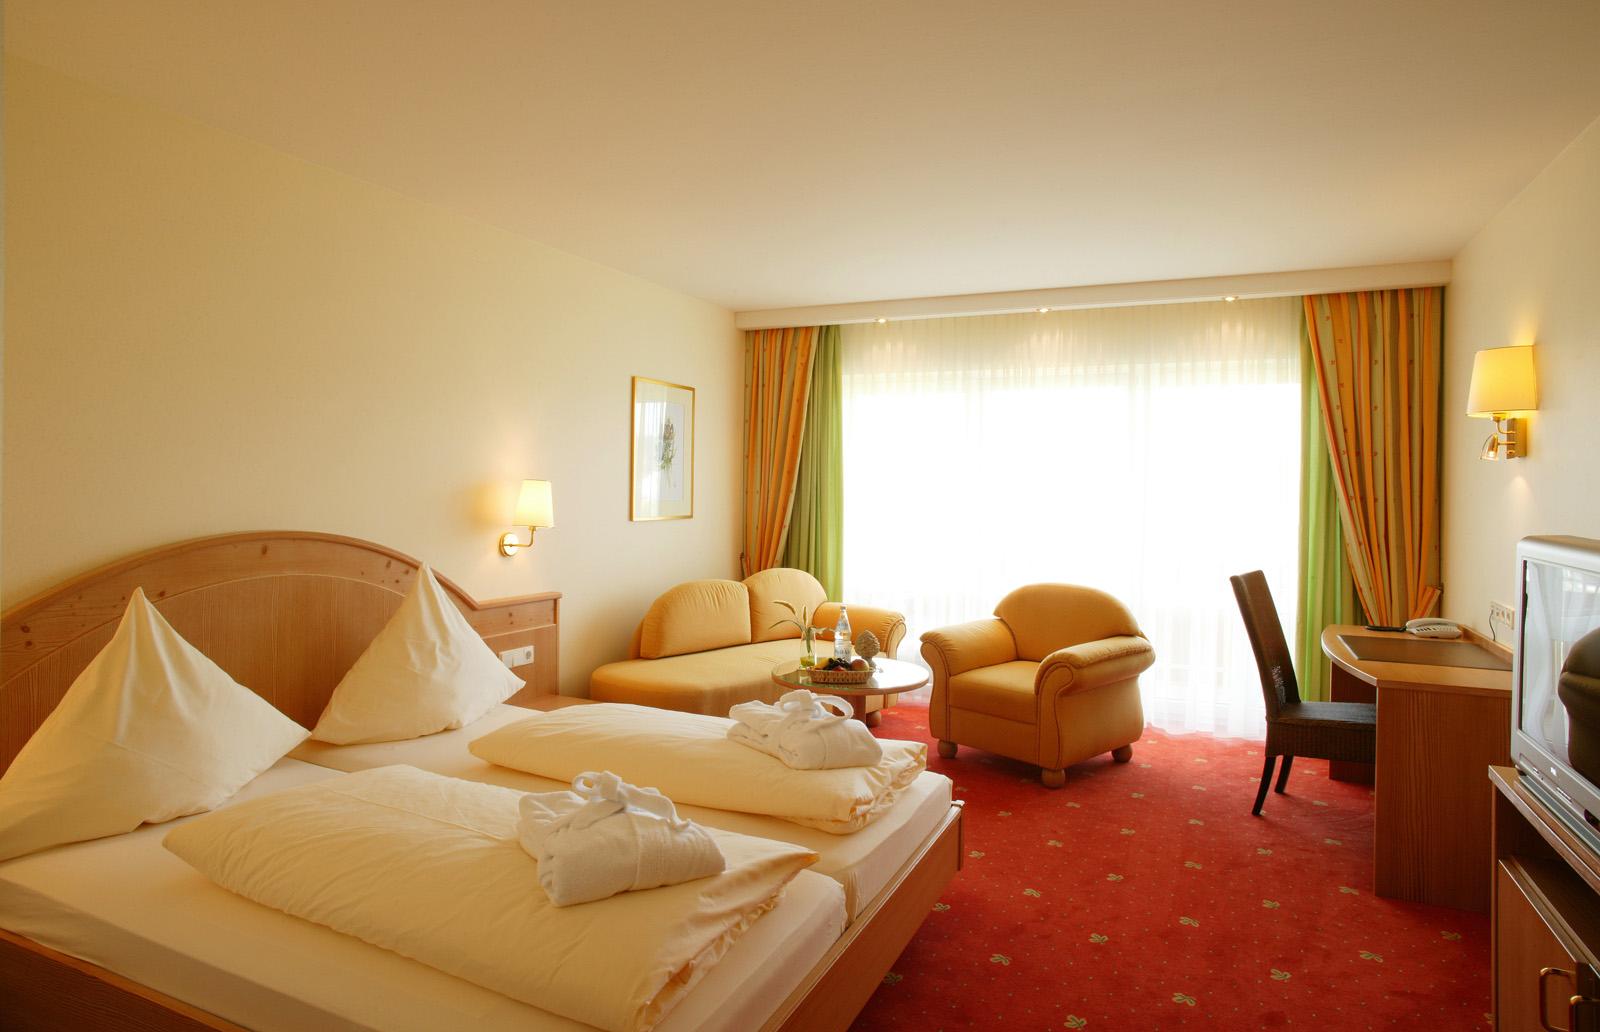 Gästezimmer - Hotel Schwarzwald Sonnenhof, Schömberg/Langenbrand